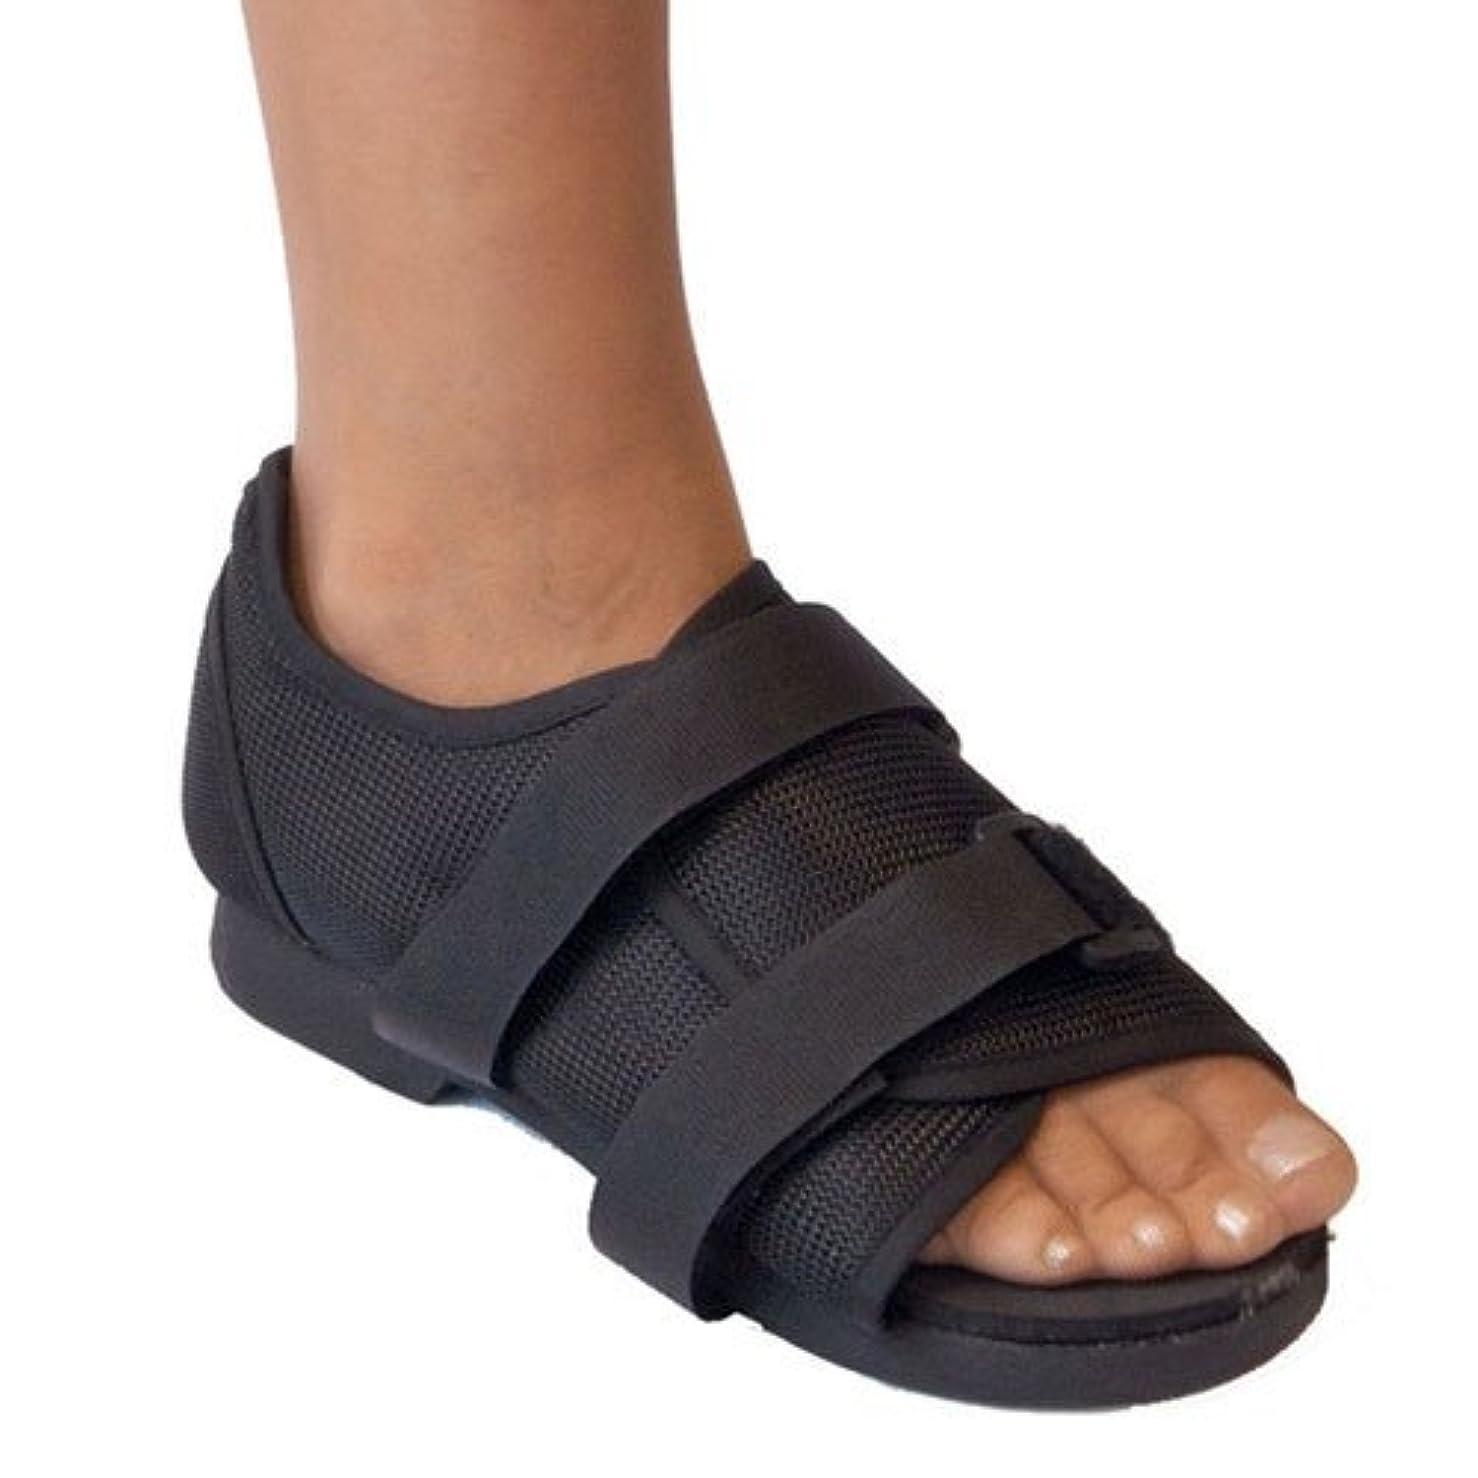 トマトパニック保険をかける術後靴、メディカルウォーキング、骨折した骨の耐久性のあるつま先整形外科サポートブレース。,S